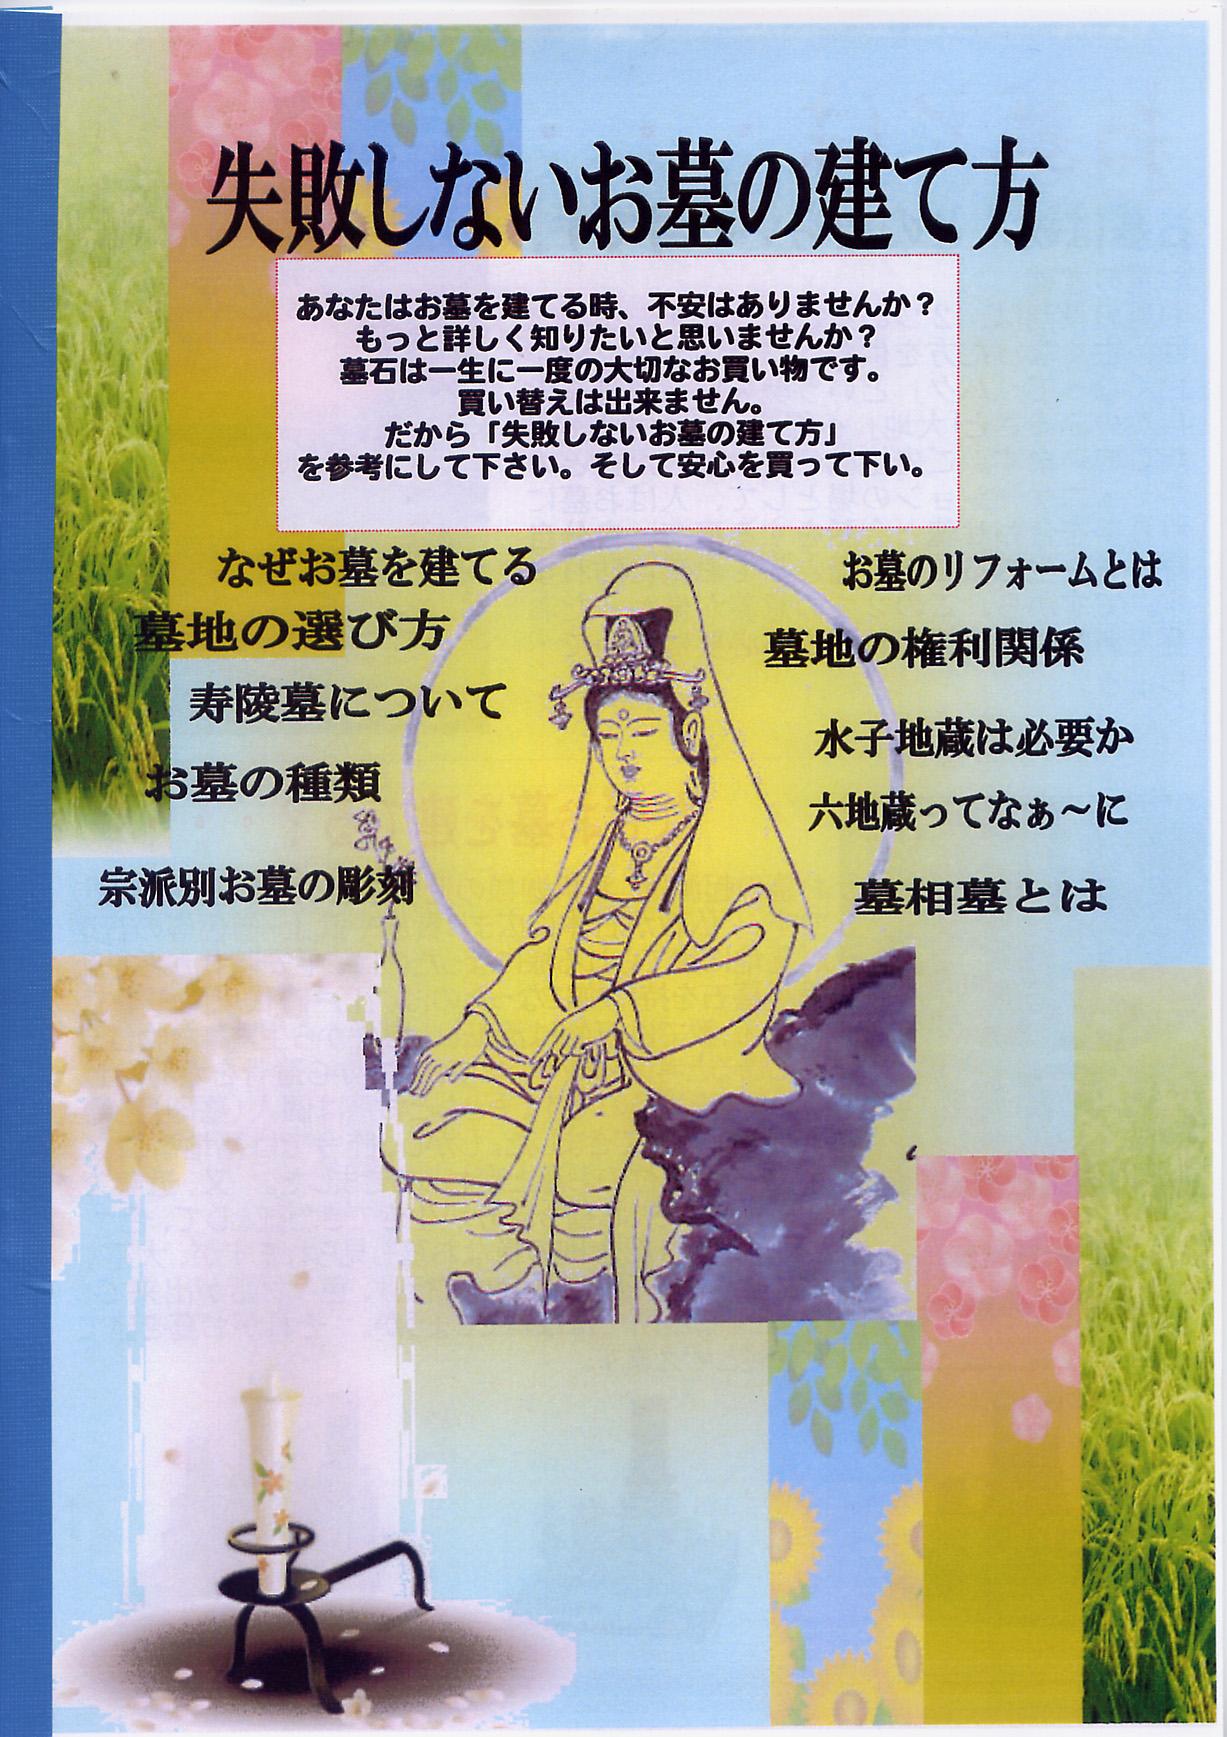 失敗しないお墓の建て方冊子表紙.jpg